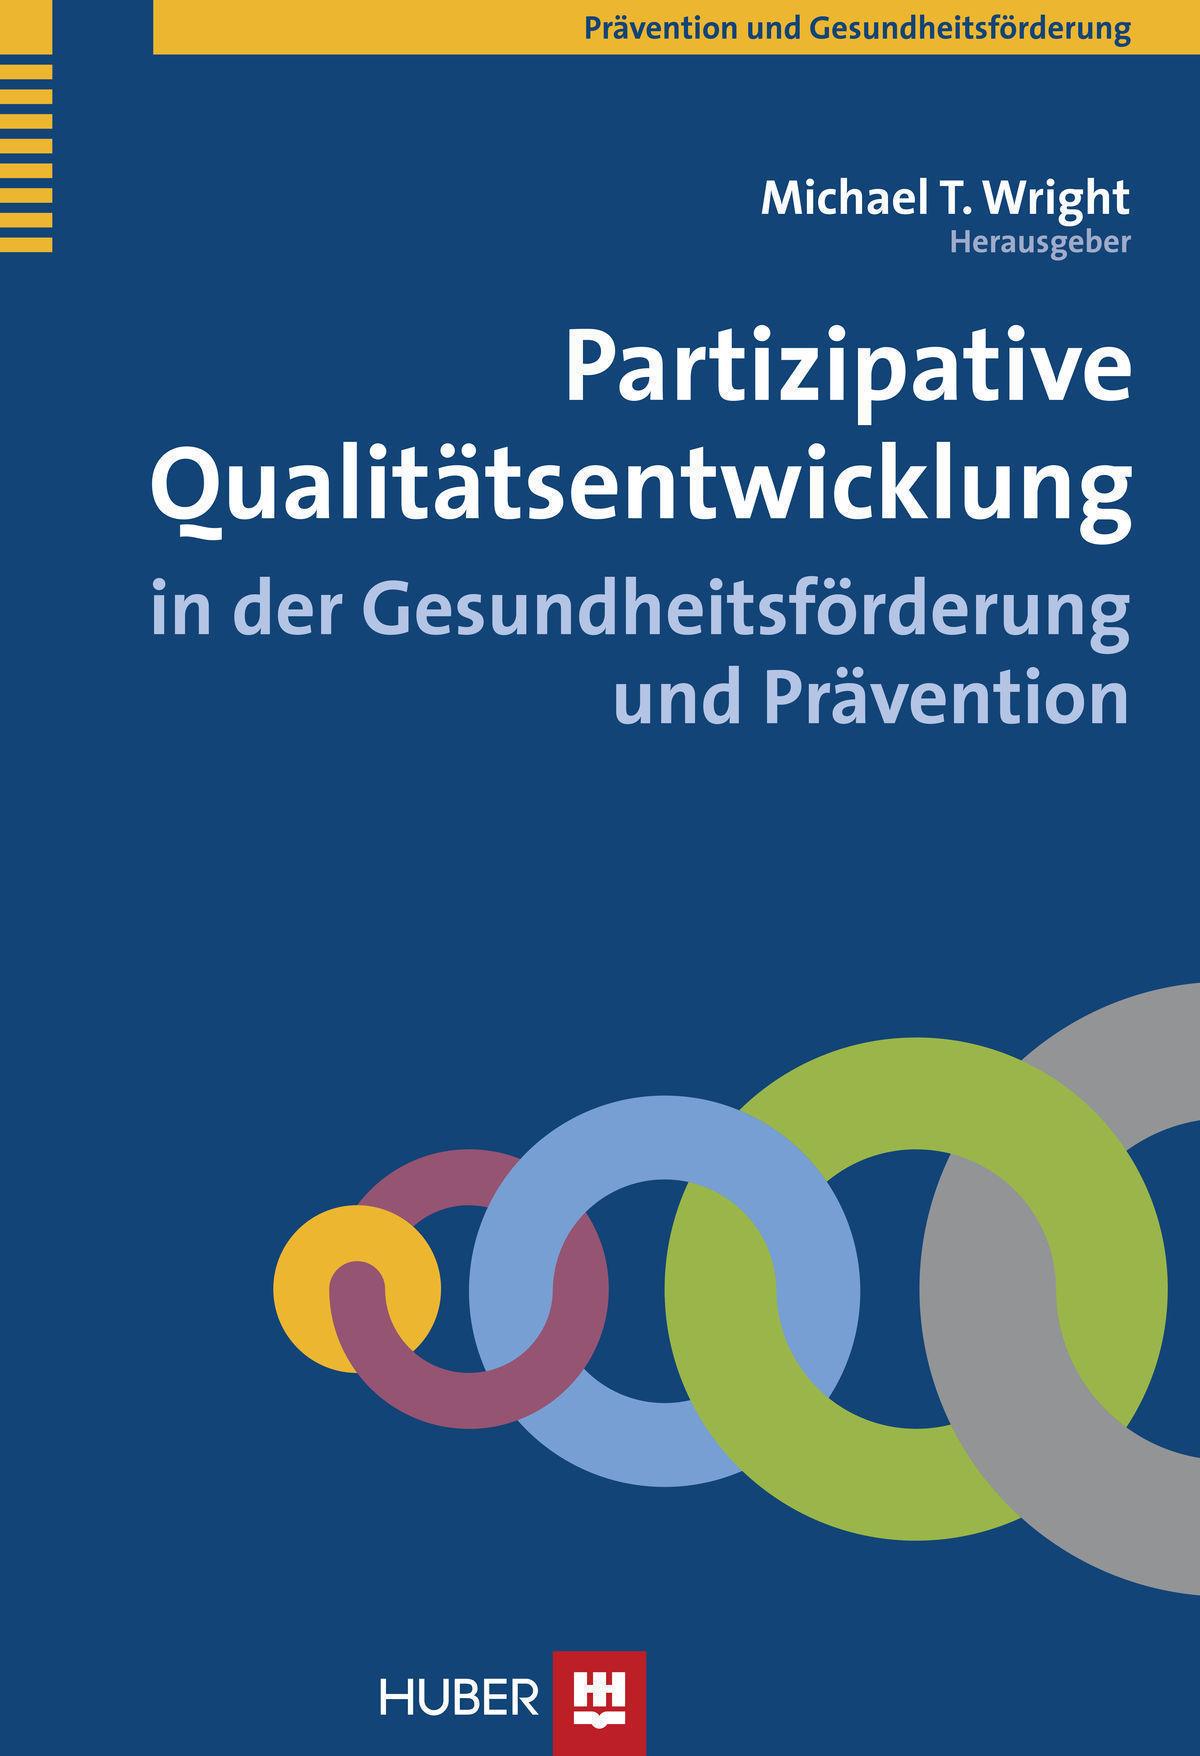 Partizipative Qualitätsentwicklung in der Gesundheitsförderung und Prävention